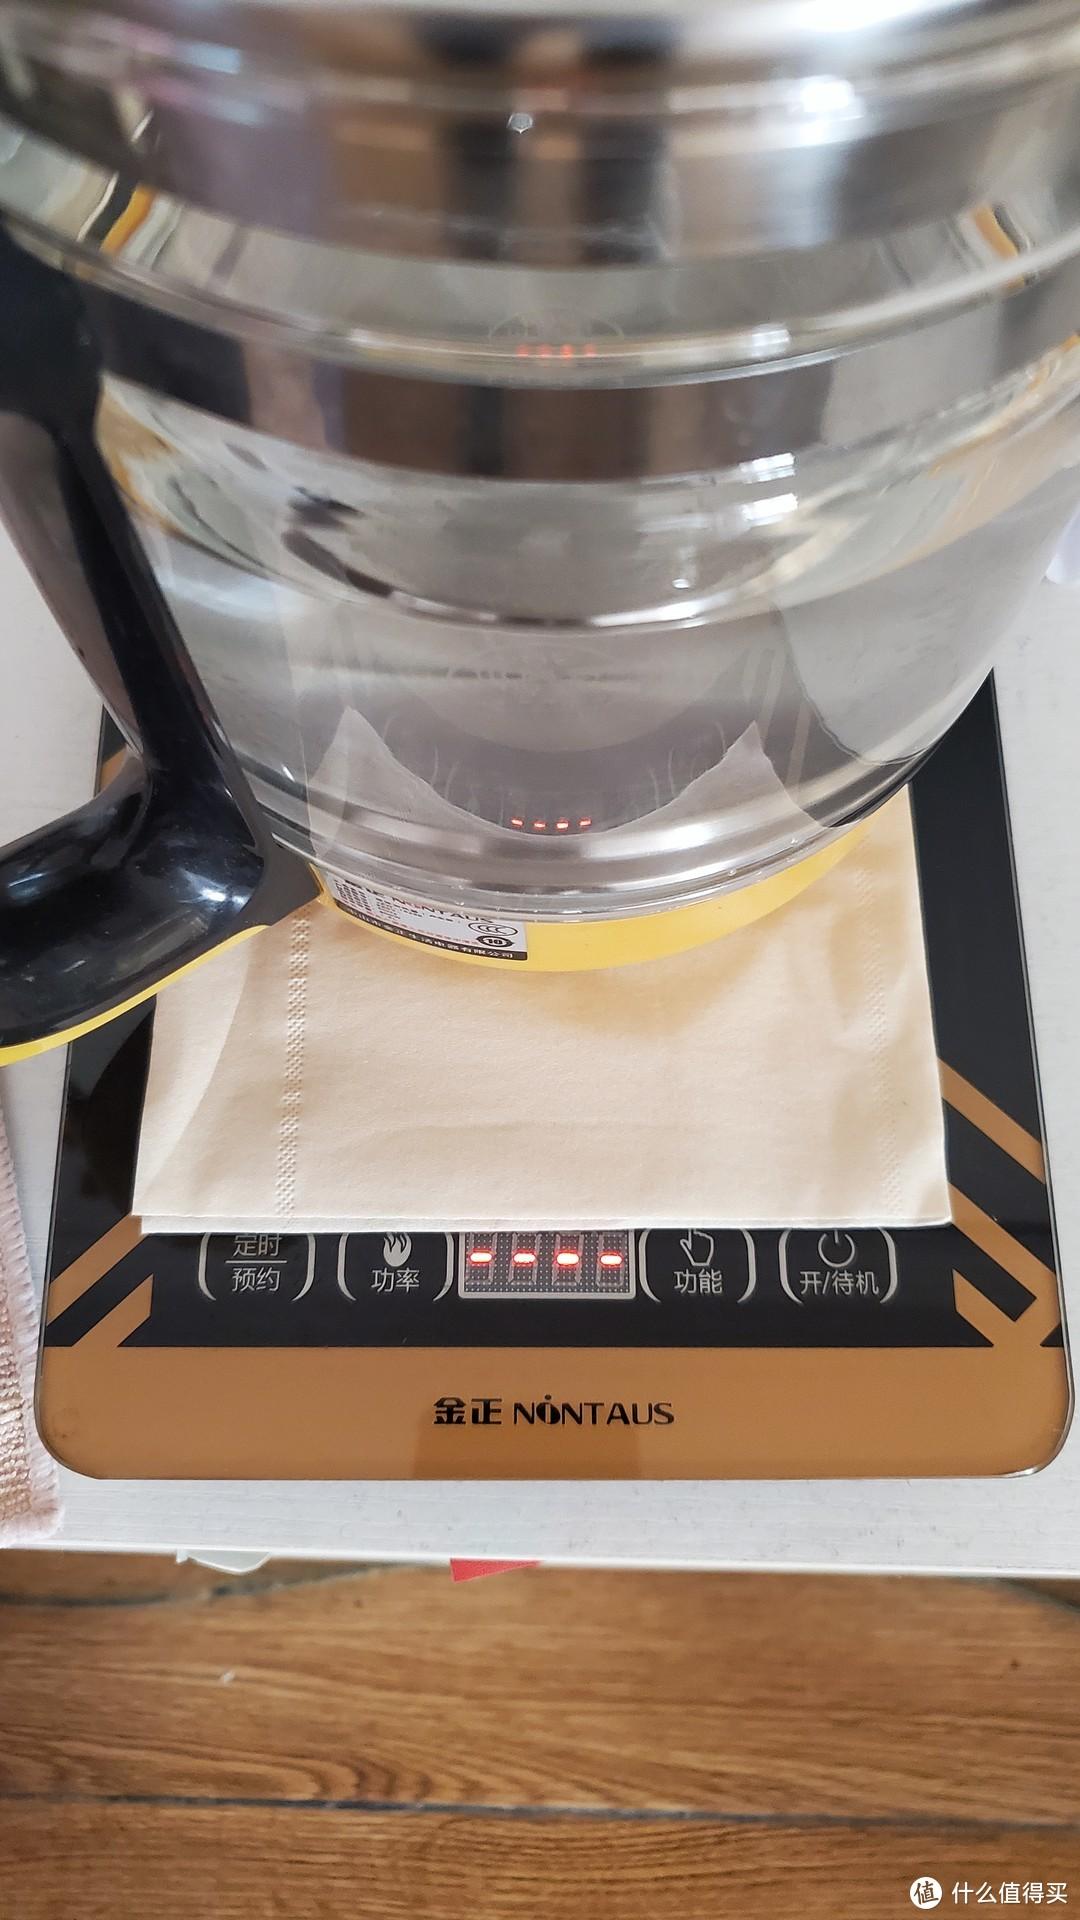 擦干壶底,垫张纸巾,然后烧水。